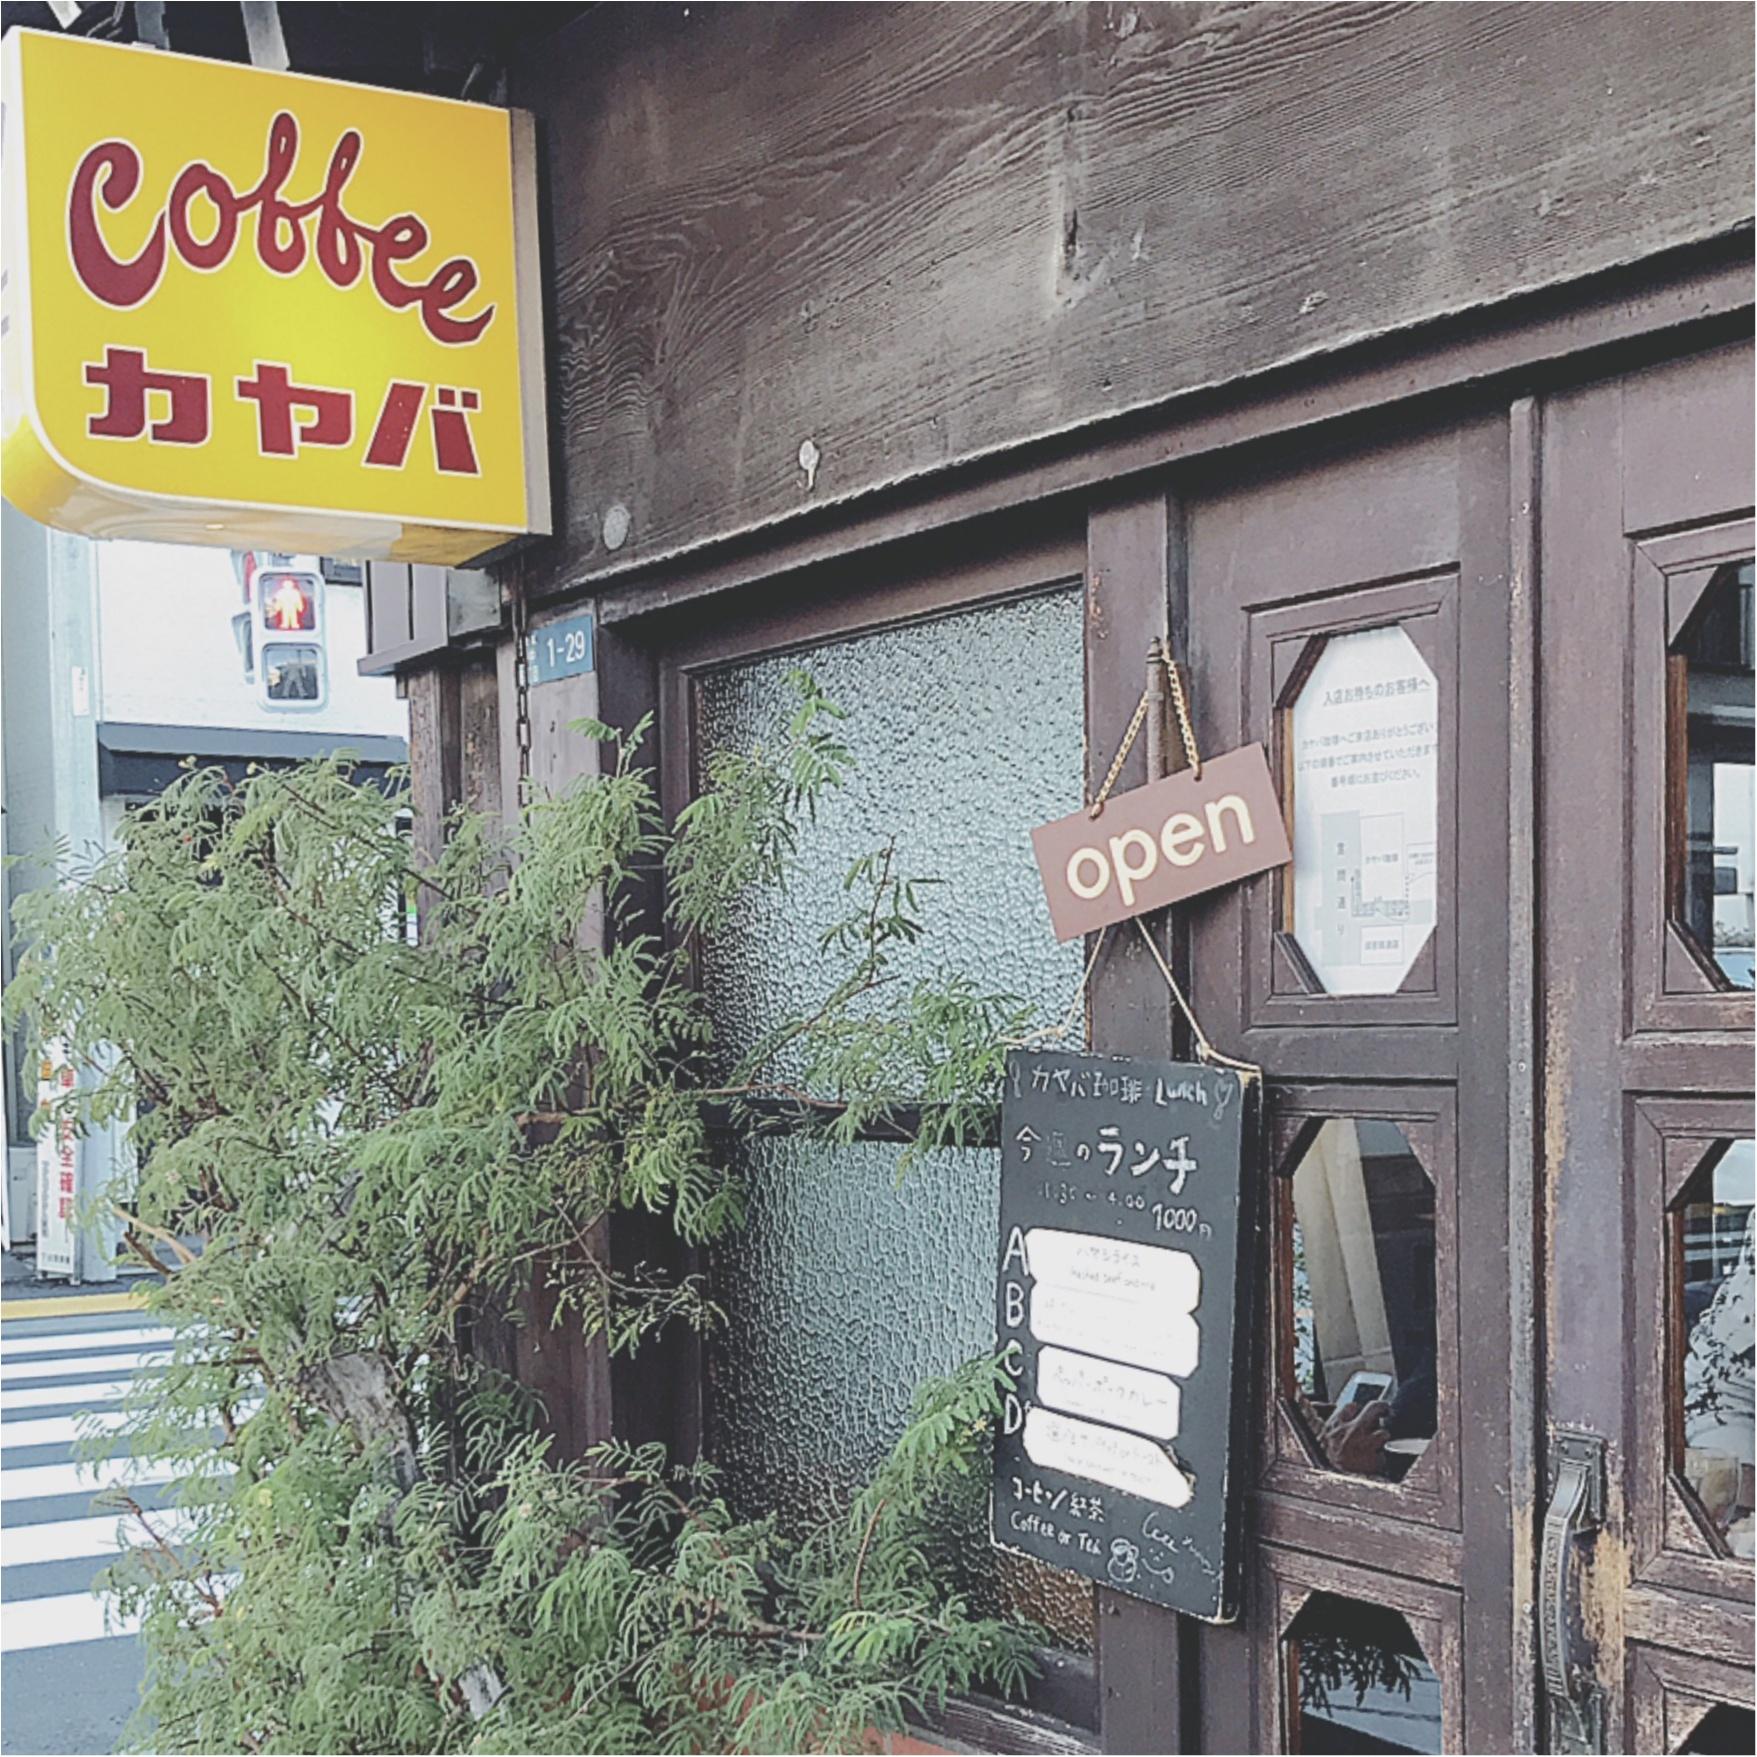 おすすめの喫茶店・カフェ特集 - 東京のレトロな喫茶店4選など、全国のフォトジェニックなカフェまとめ_14